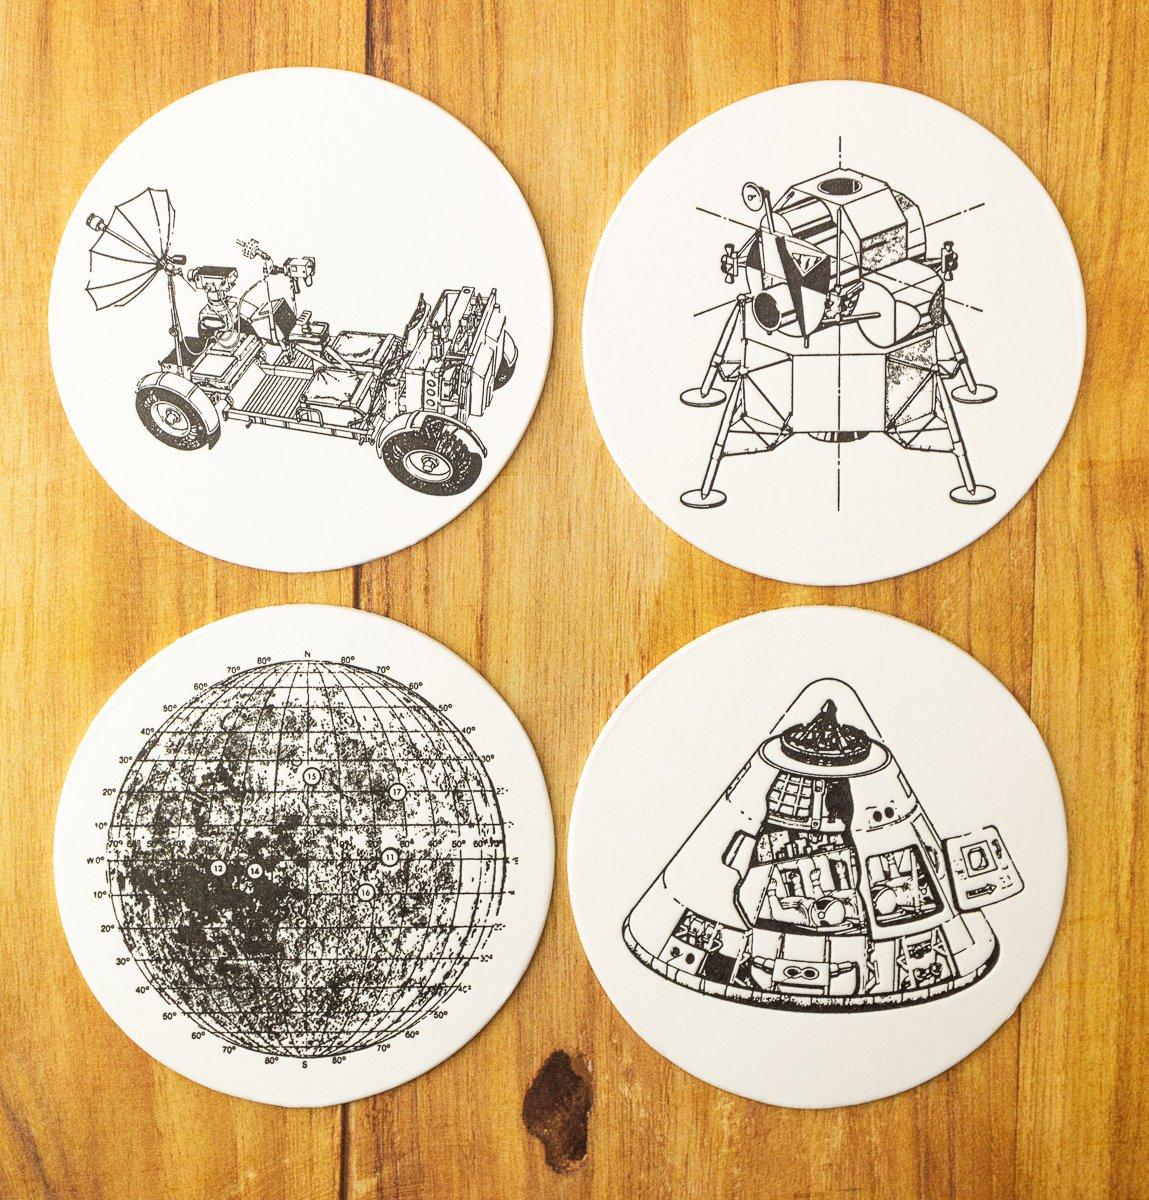 Lunar Landing Letterpress Coasters - Set of 8 (2 of each design)